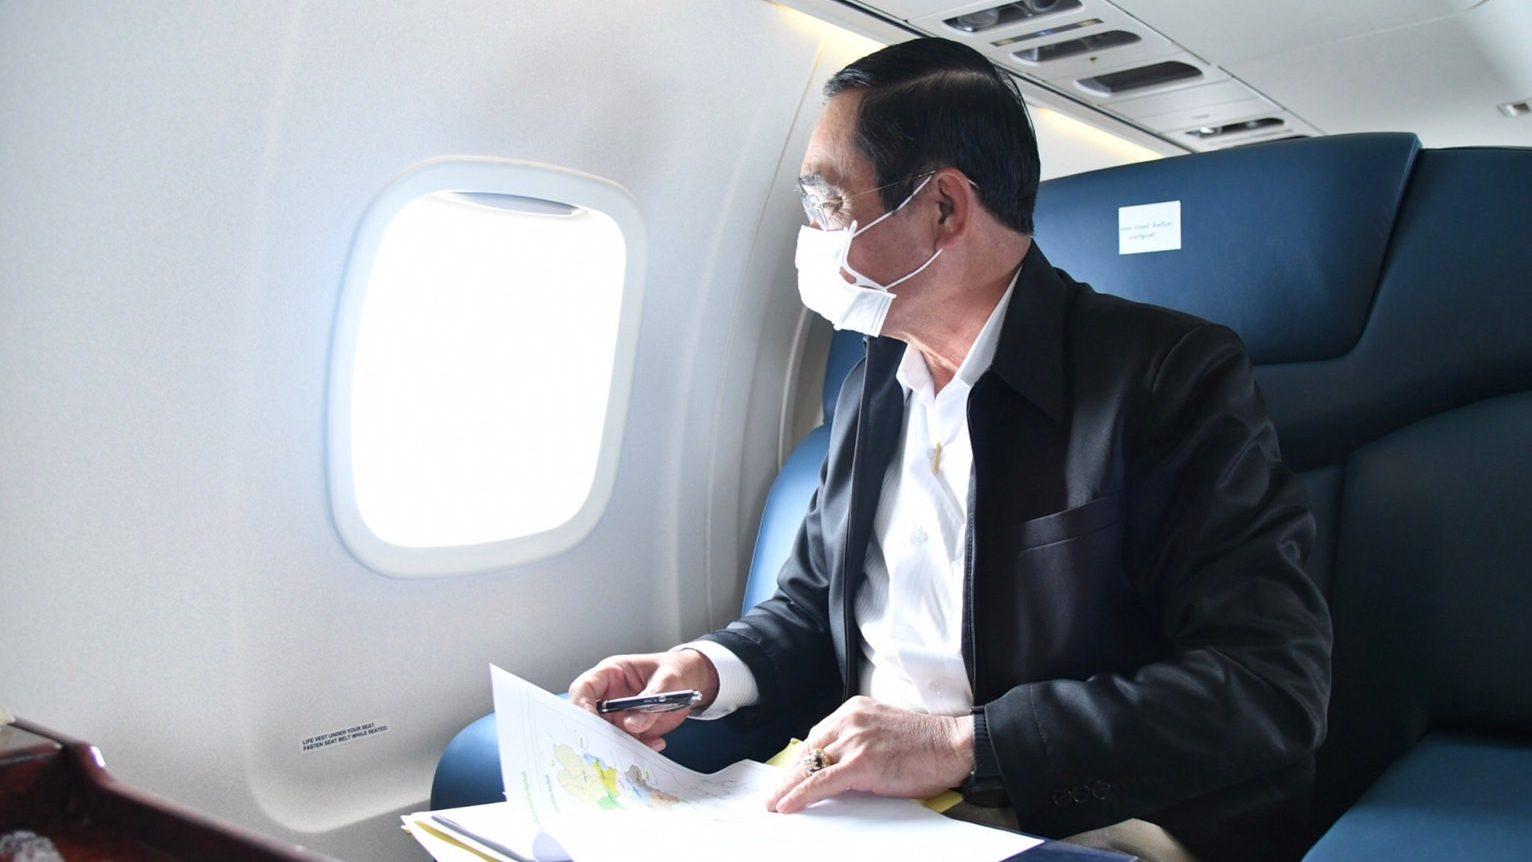 'บิ๊กตู่' ปลื้มไทยติดอันดับโลก คุณภาพอินเตอร์เน็ตดี